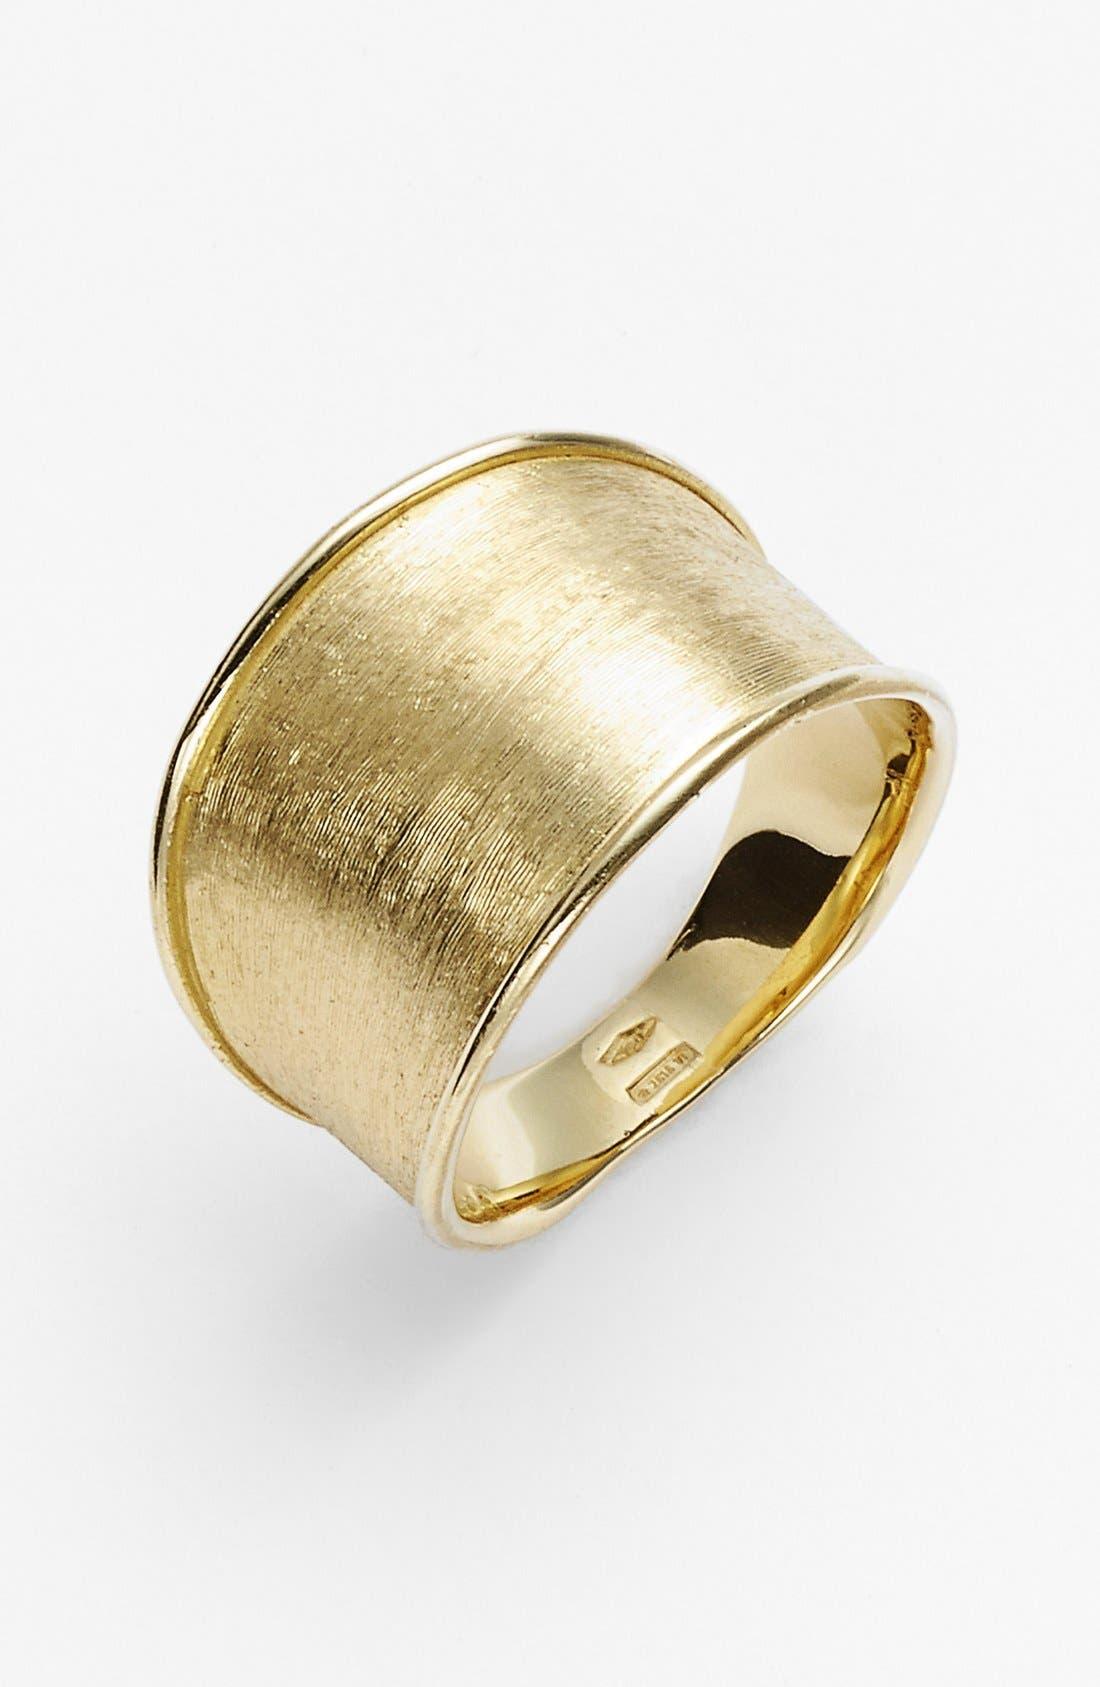 'Lunaria' Band Ring,                             Main thumbnail 1, color,                             YELLOW GOLD